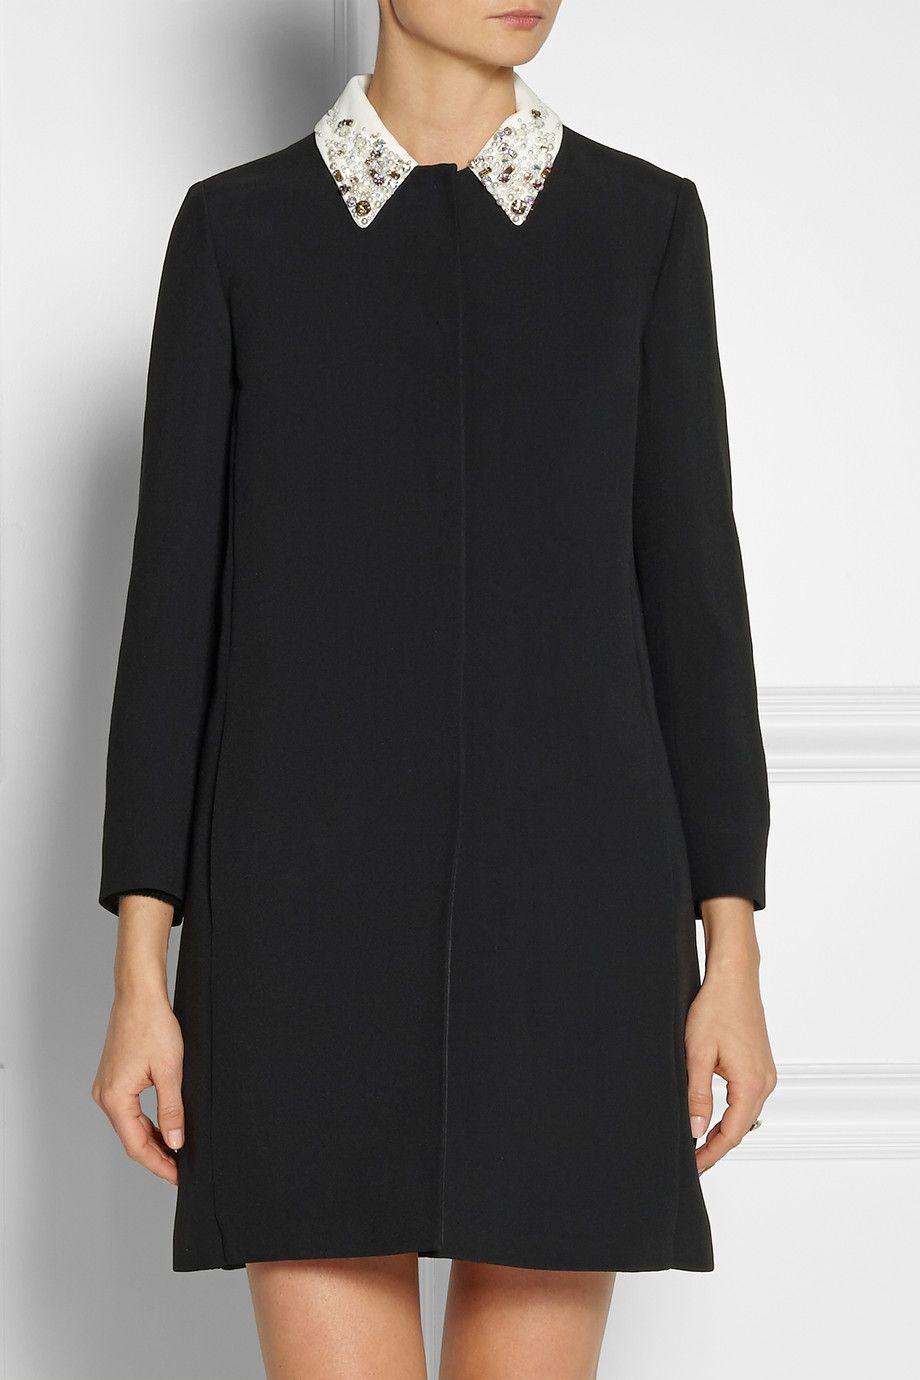 Embellished Miu Net Collar Porter Coat com Crepe A Uwq1wO